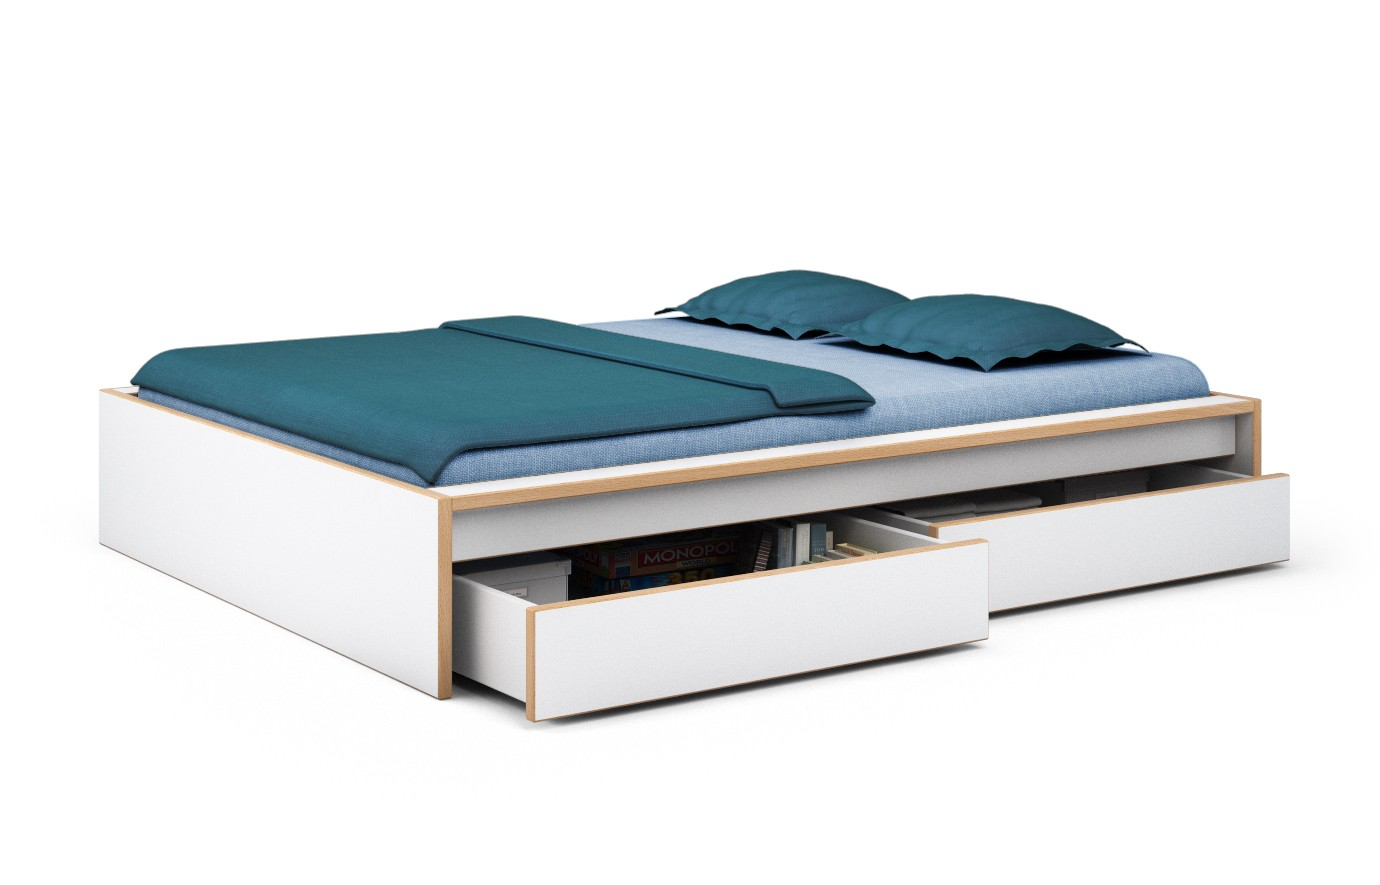 Full Size of Stauraumbett Funktionsbett 120x200 Bett Betten Weiß Mit Matratze Und Lattenrost Bettkasten Wohnzimmer Stauraumbett Funktionsbett 120x200